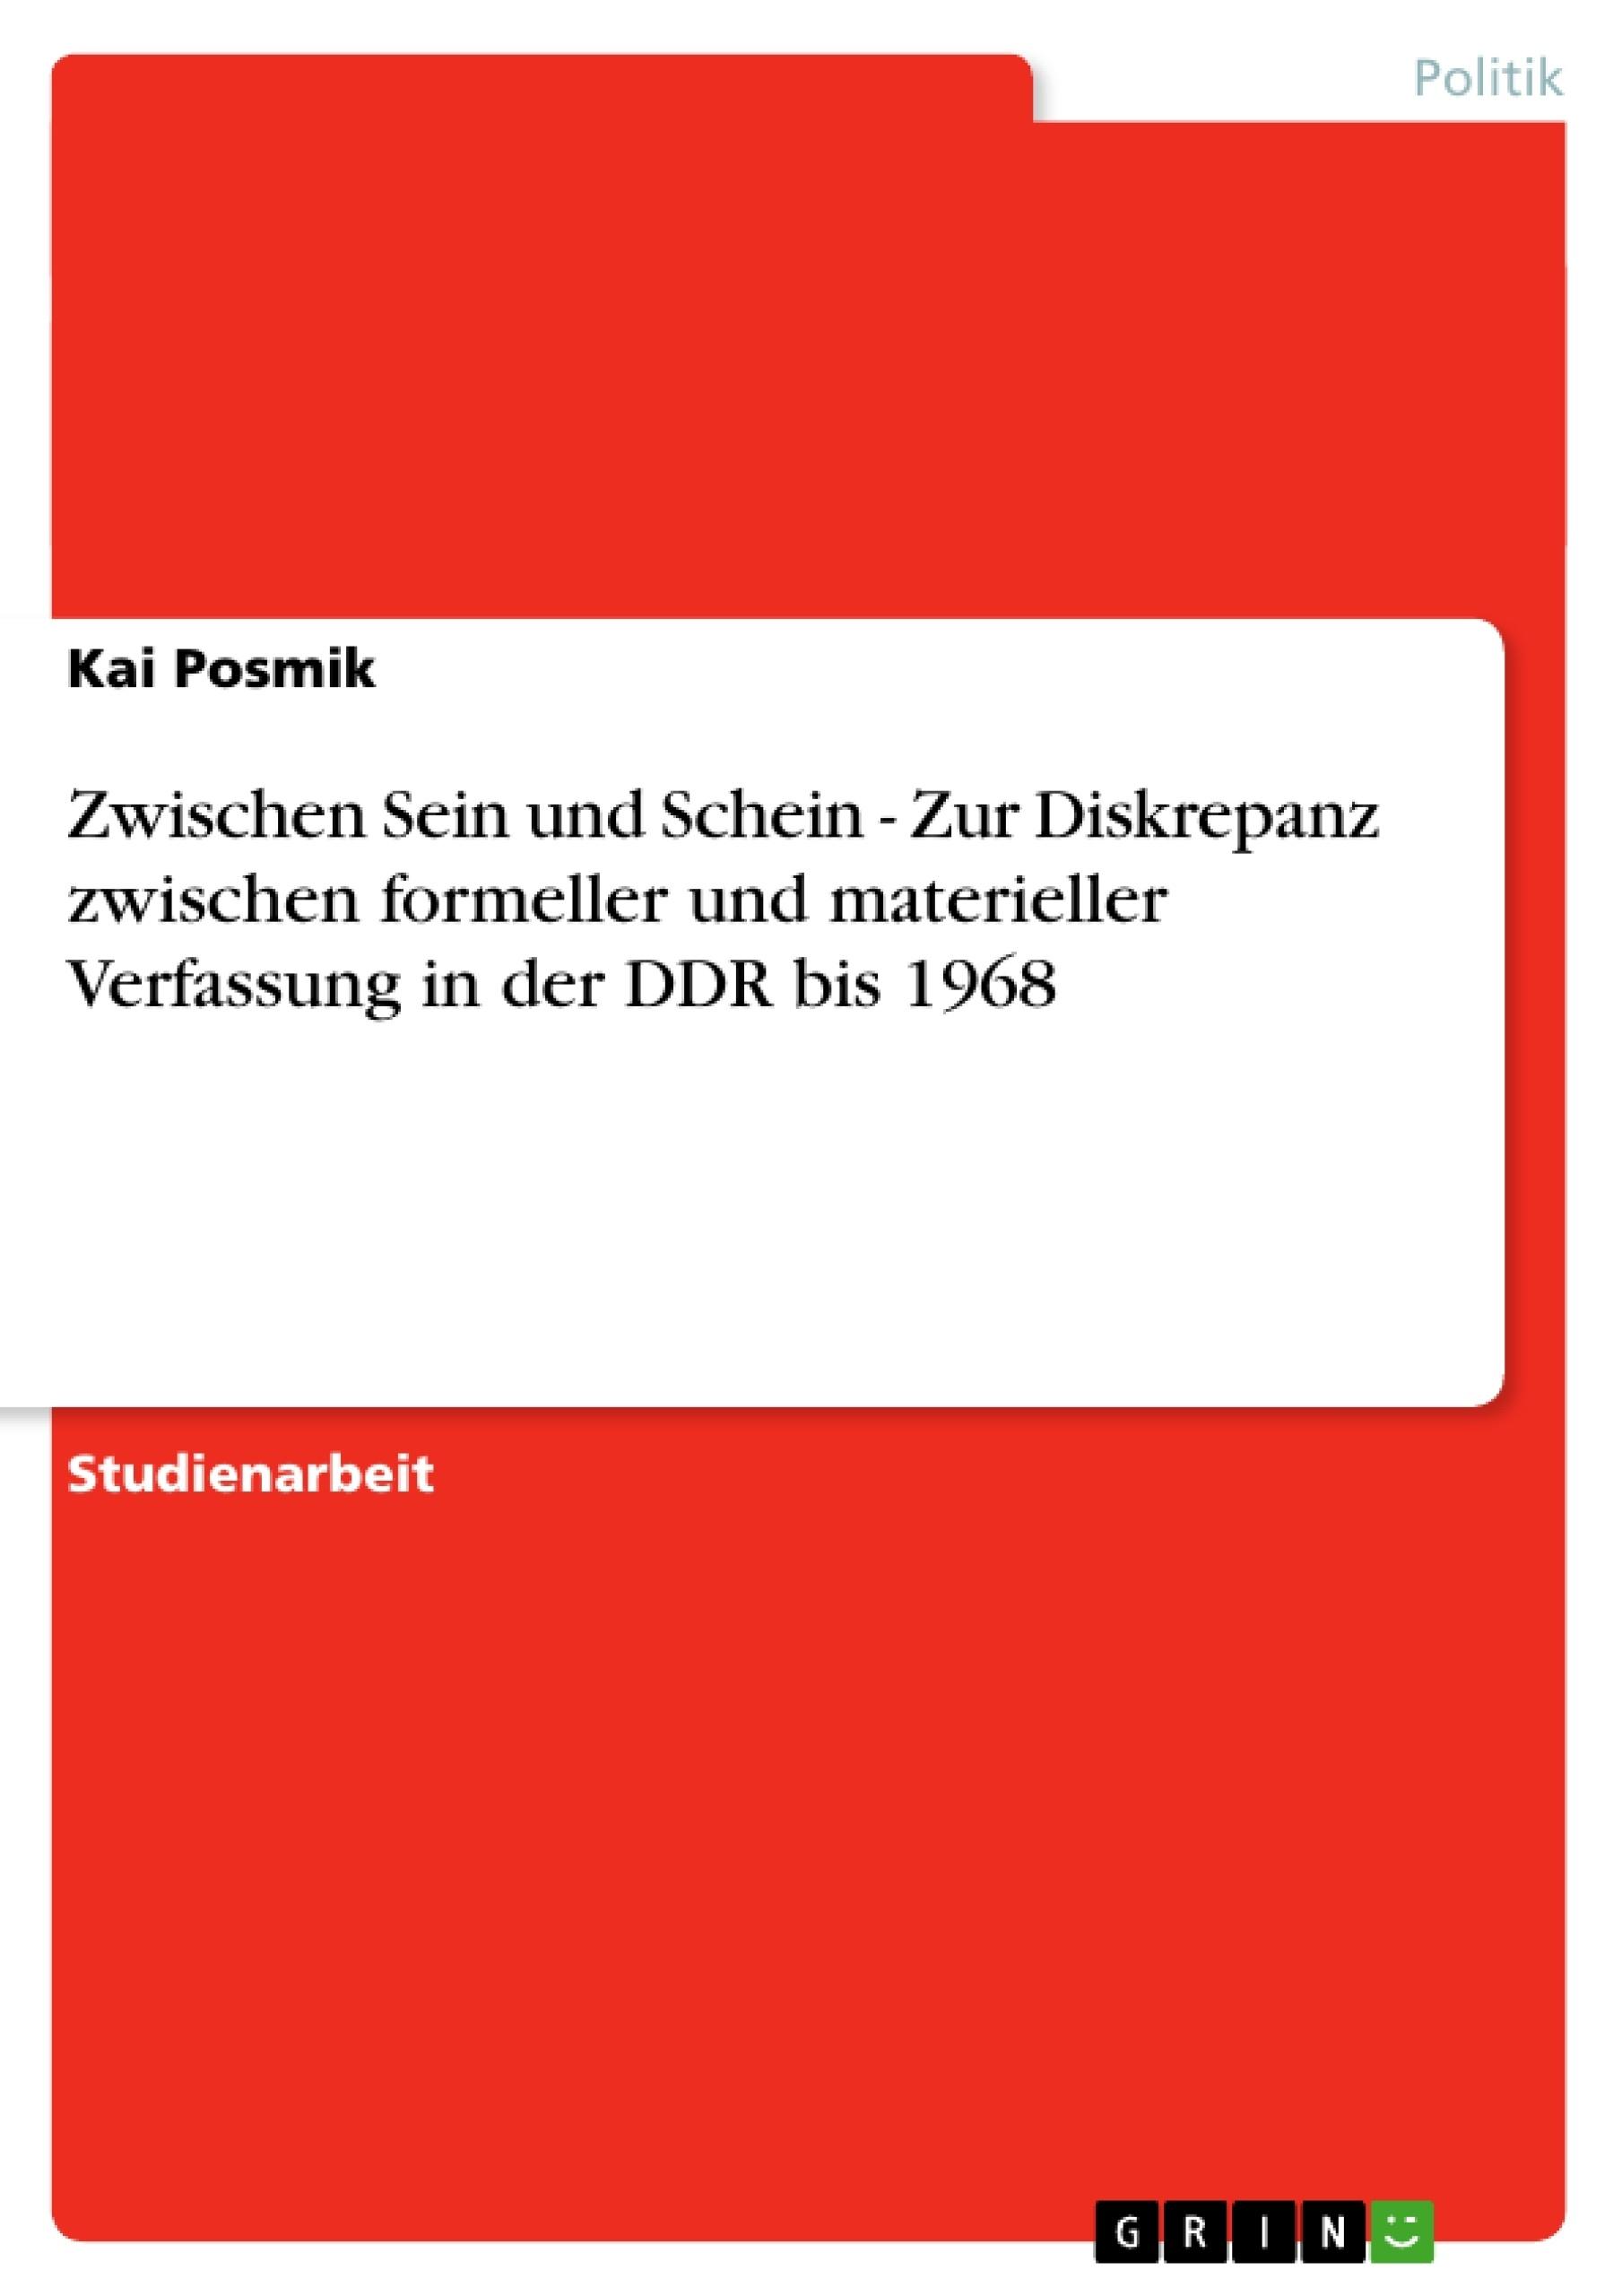 Titel: Zwischen Sein und Schein - Zur Diskrepanz zwischen formeller und materieller Verfassung in der DDR bis 1968